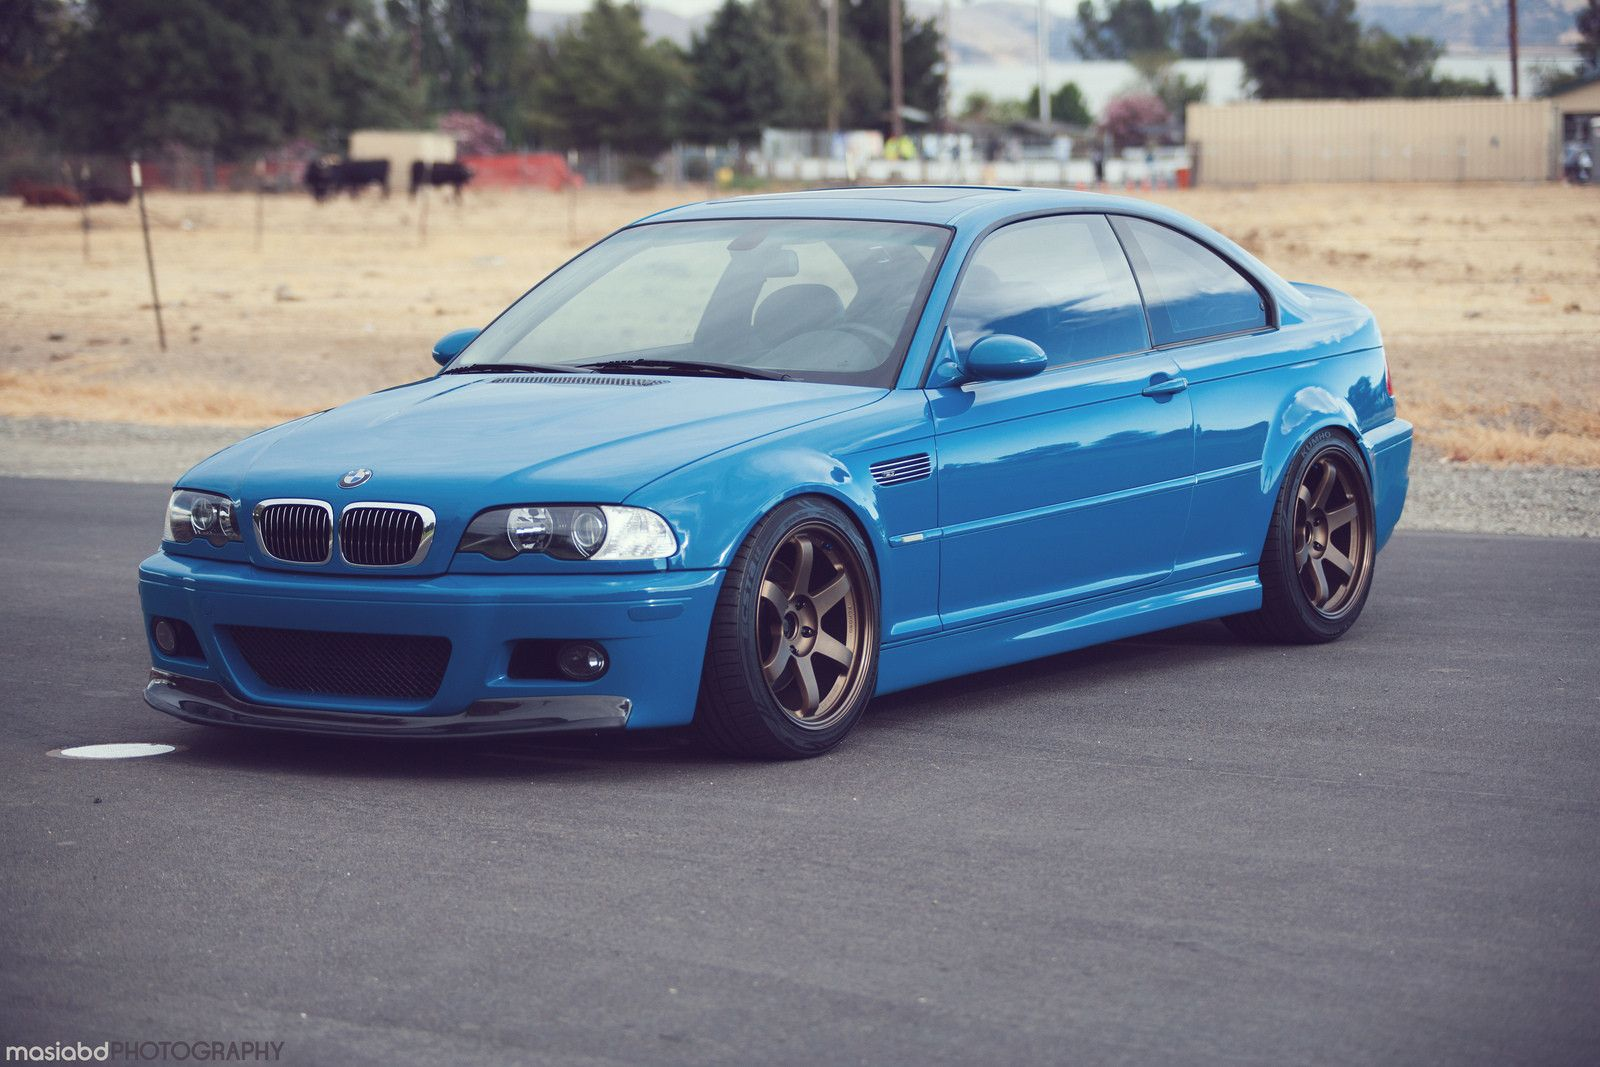 Bmw E46 M3 Laguna Seca Blue Bmw Bmw Bmw M3 Bmw Alpina